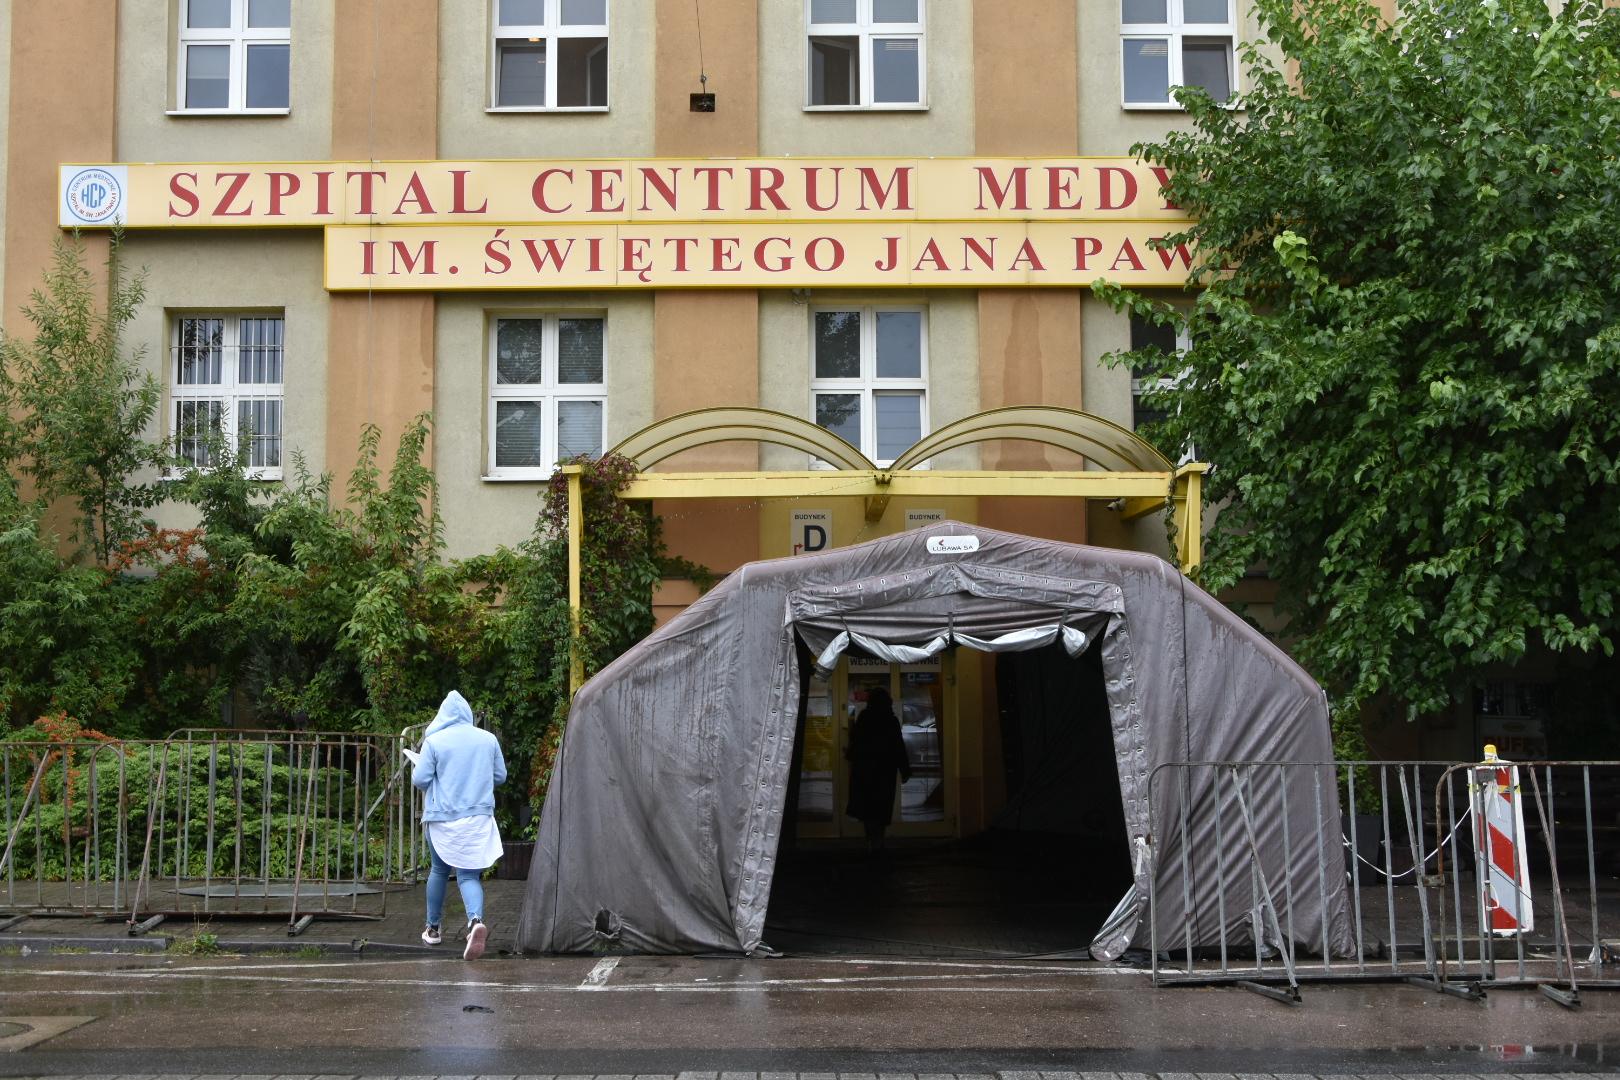 koronawirus hcp szpital hcp - Wojtek Wardejn